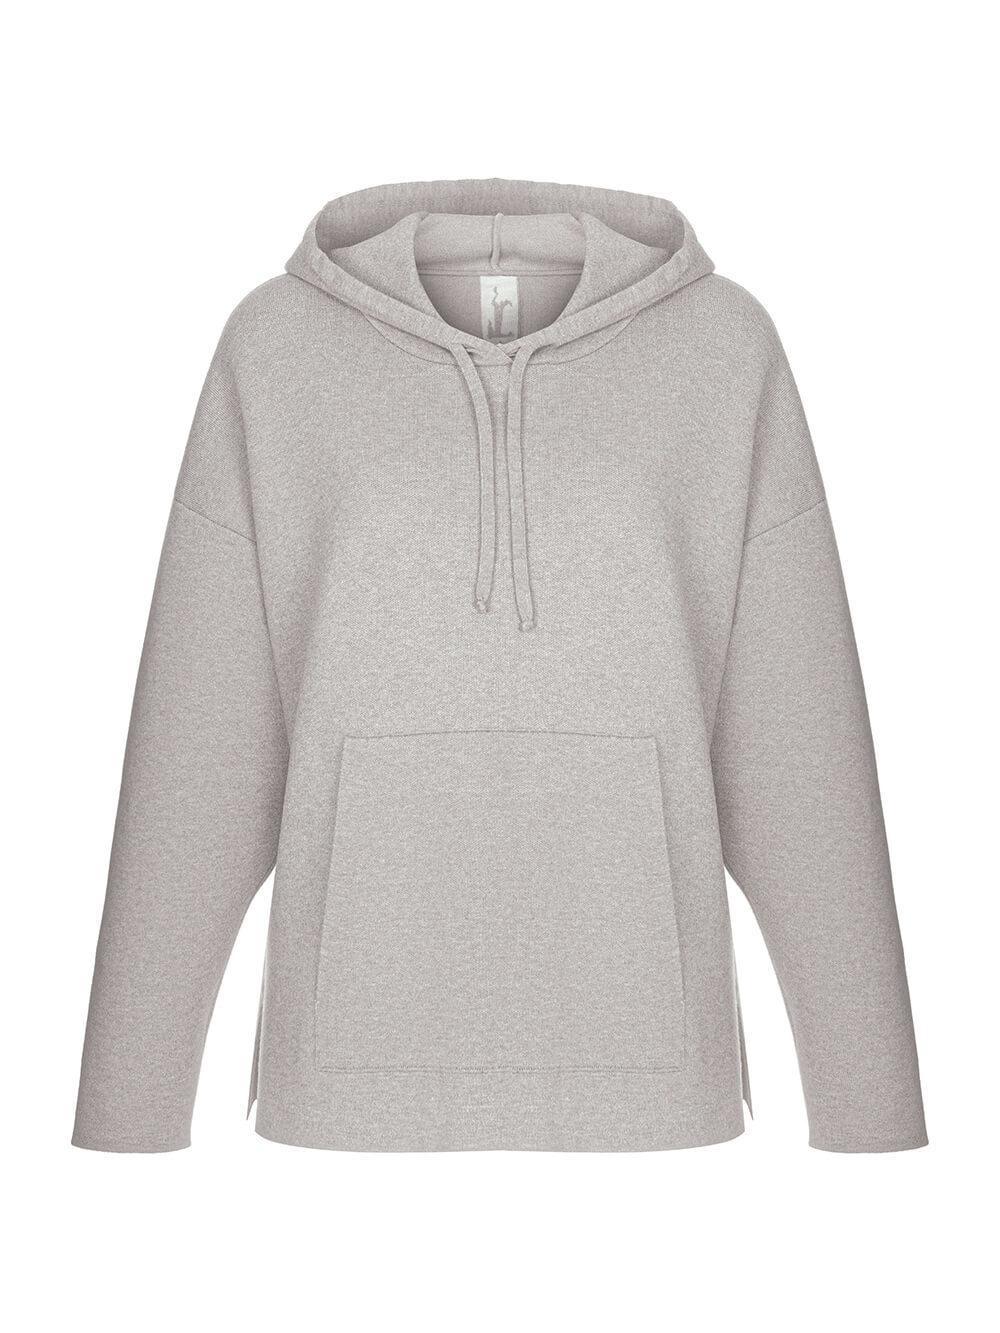 Женский свитер светло-кофейного цвета из вискозы - фото 1